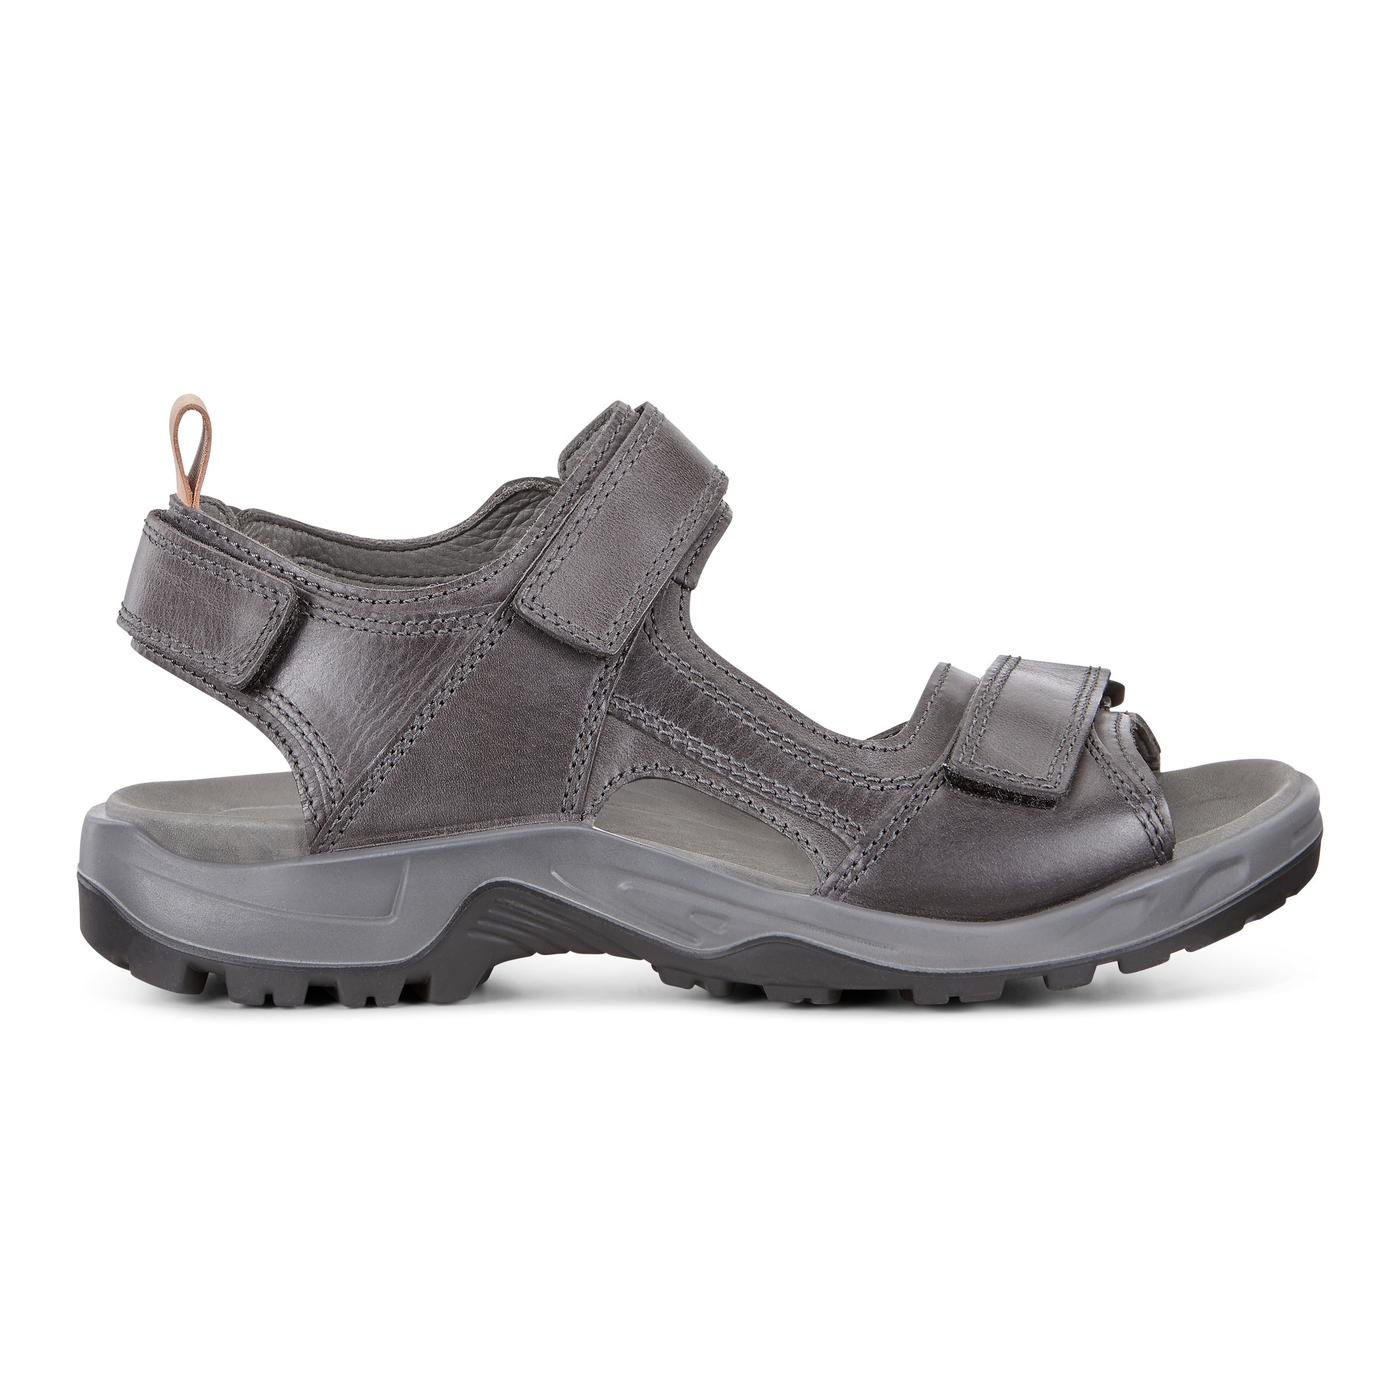 38831ad8c8 ECCO Offroad 2.0 Sandal | Men's Sandals | ECCO® Shoes